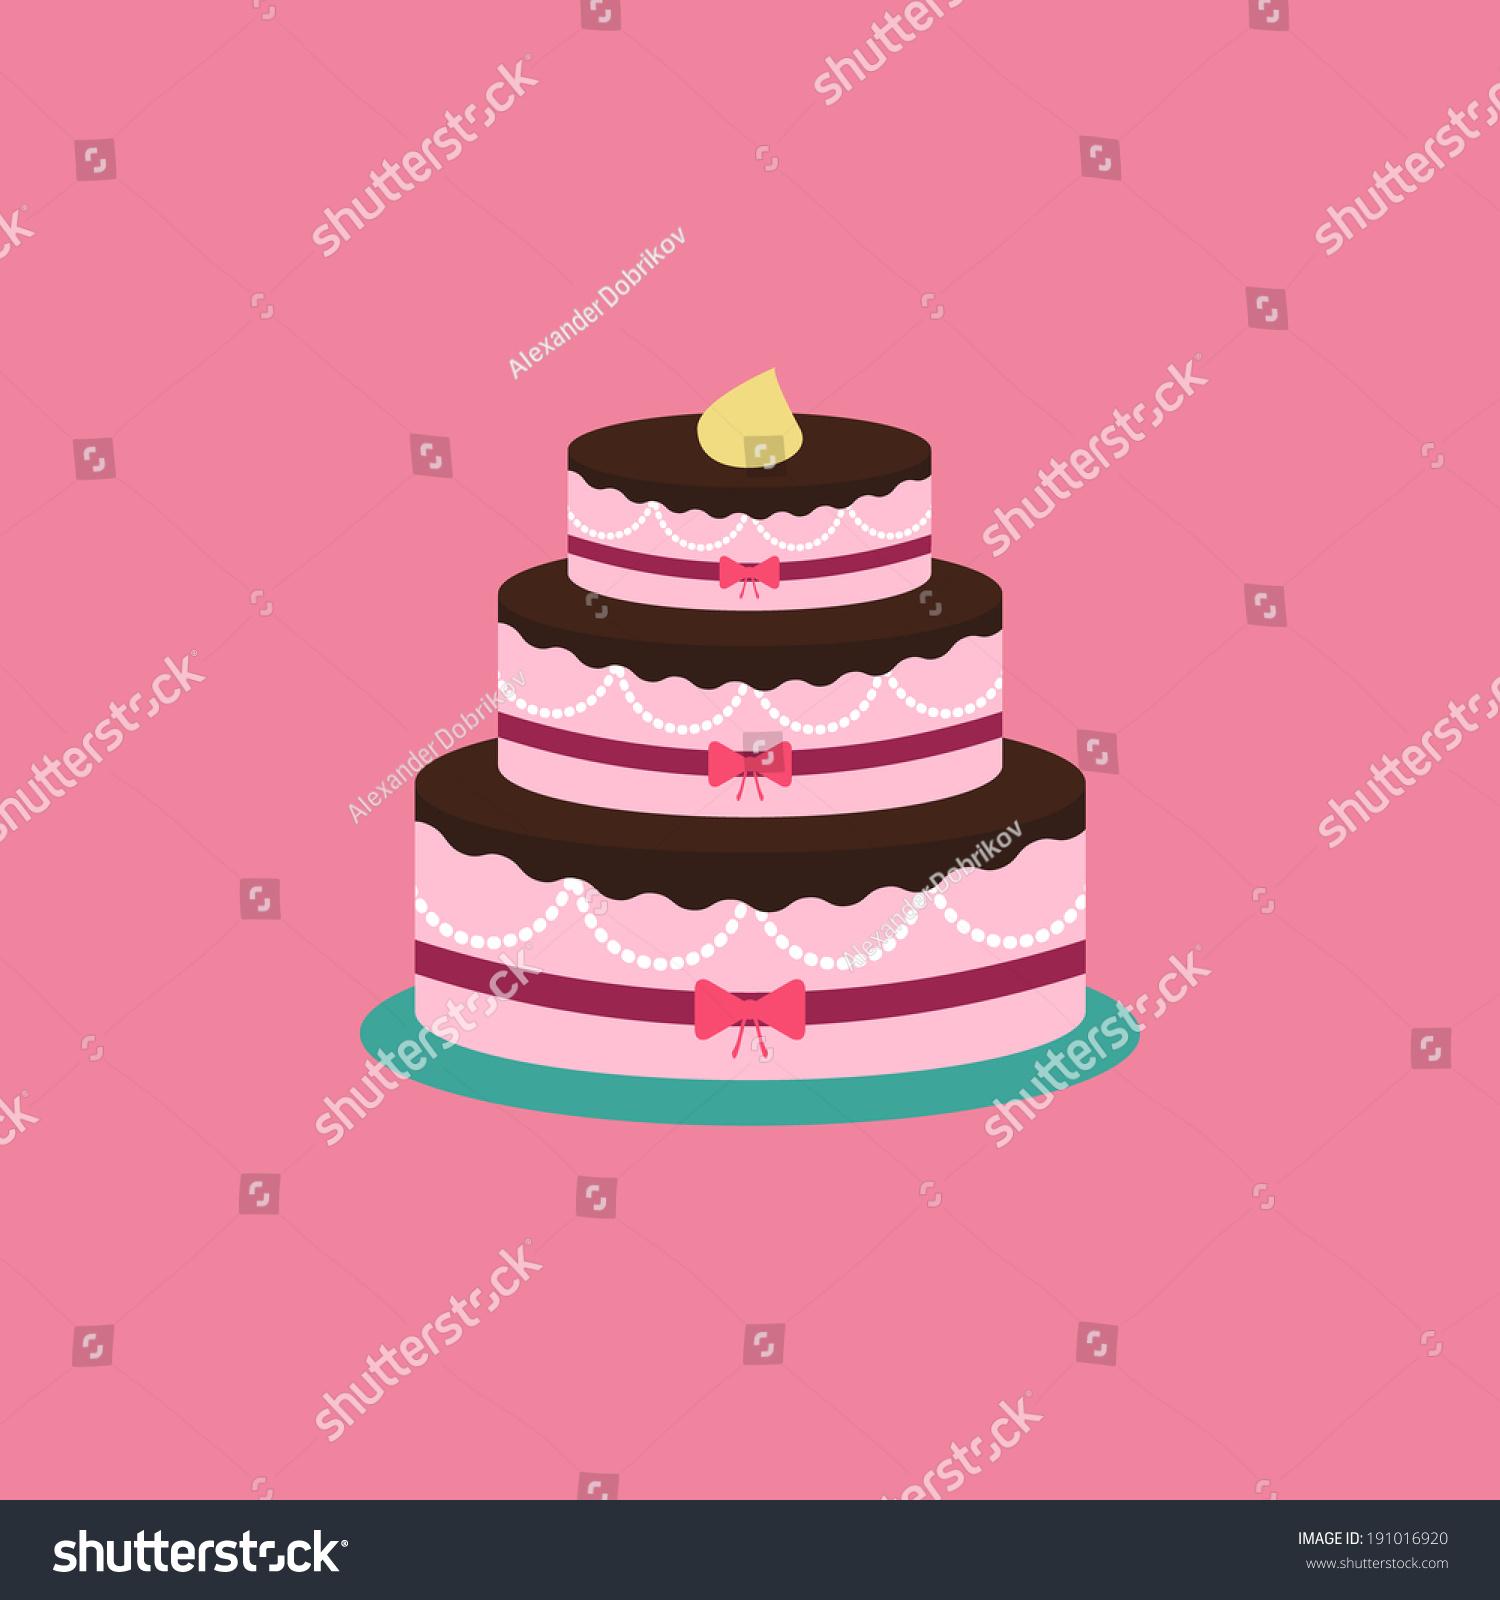 Princess Birthday Cake Decorating Ideas Birthday Cake and